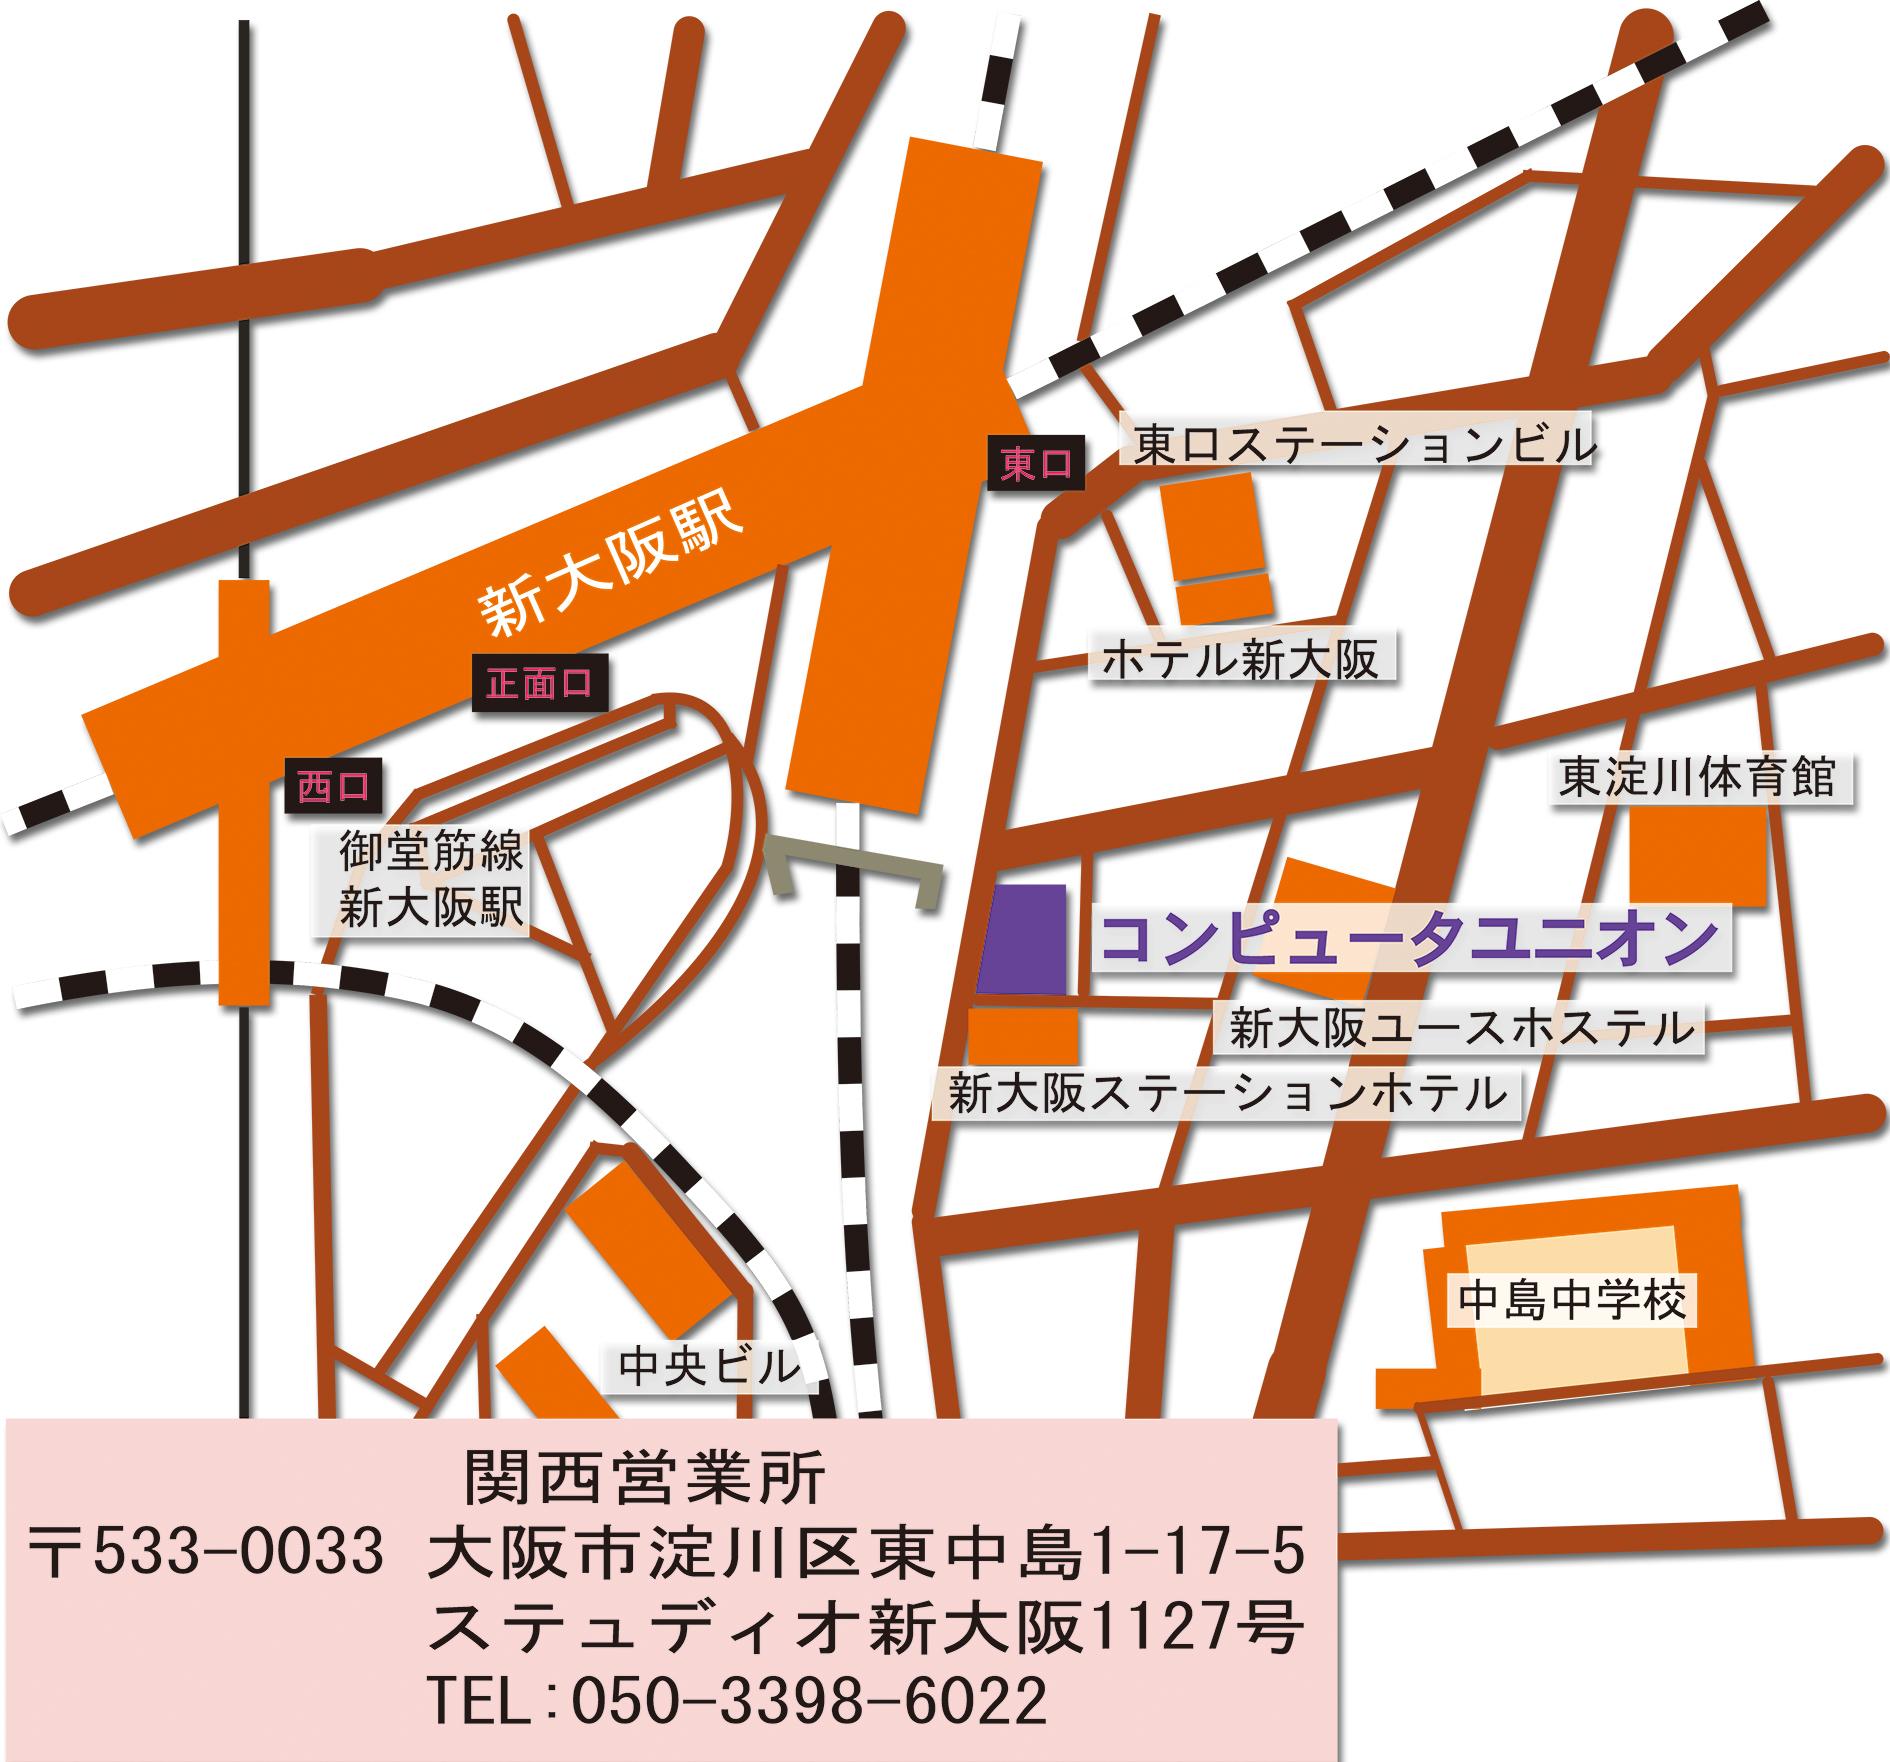 コンピュータ・ユニオン大阪事務所地図